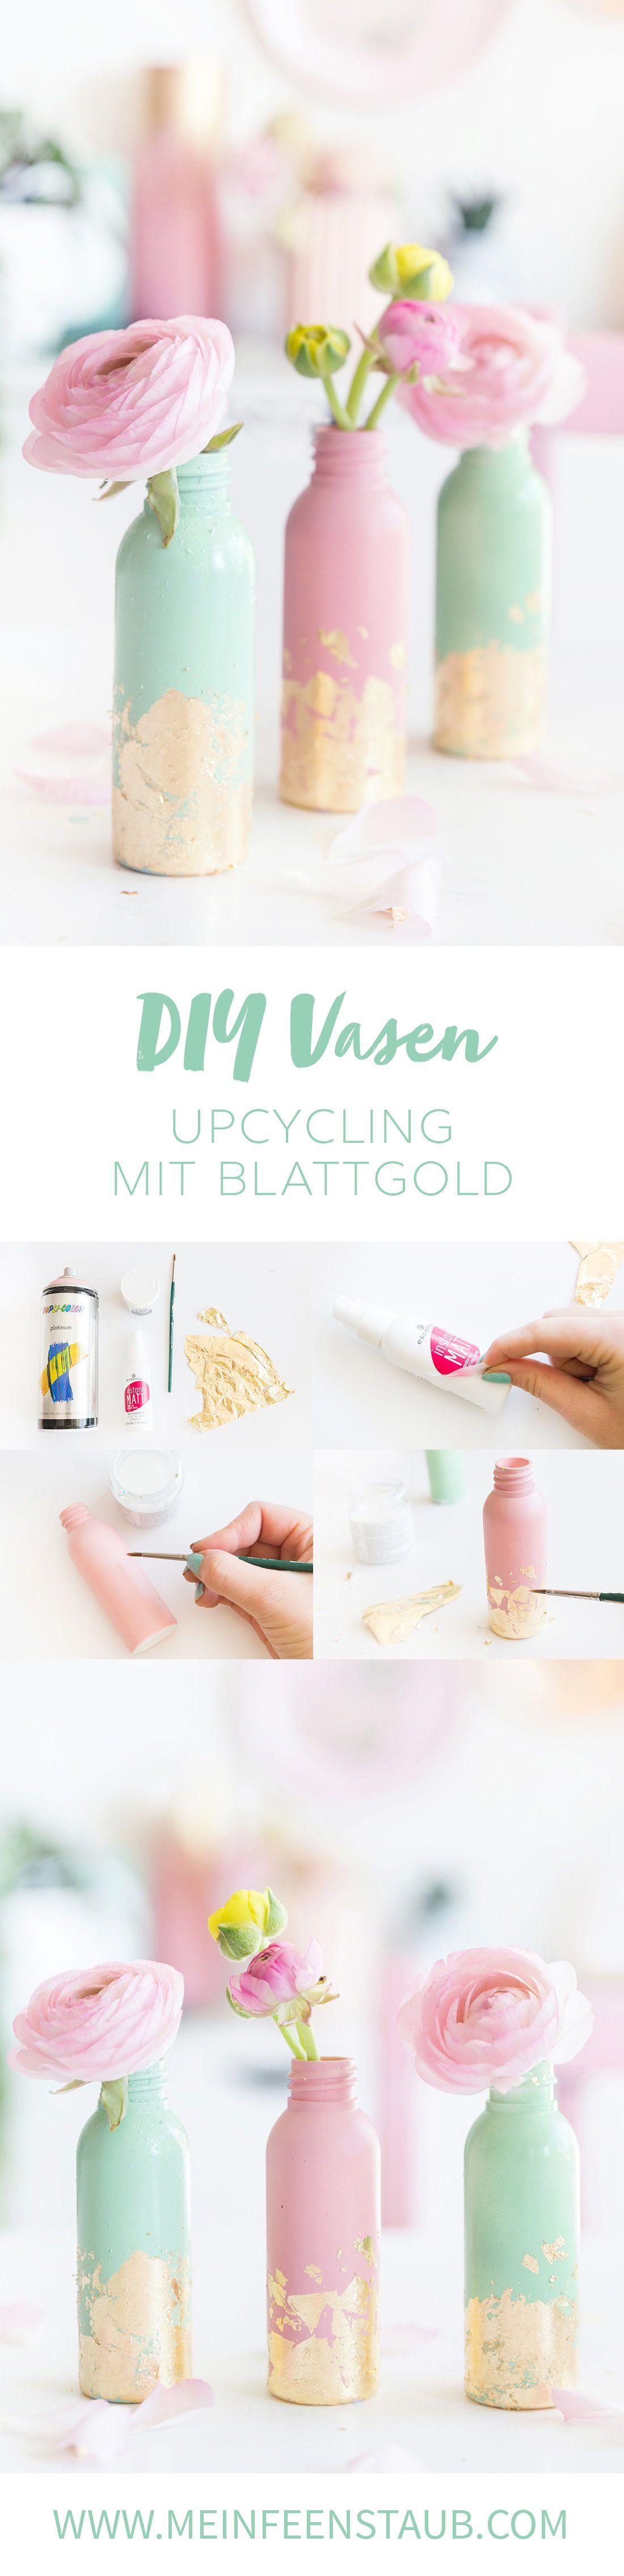 Diy mini vasen mit blattgold diy crafts upcycling - Blattgold basteln ...